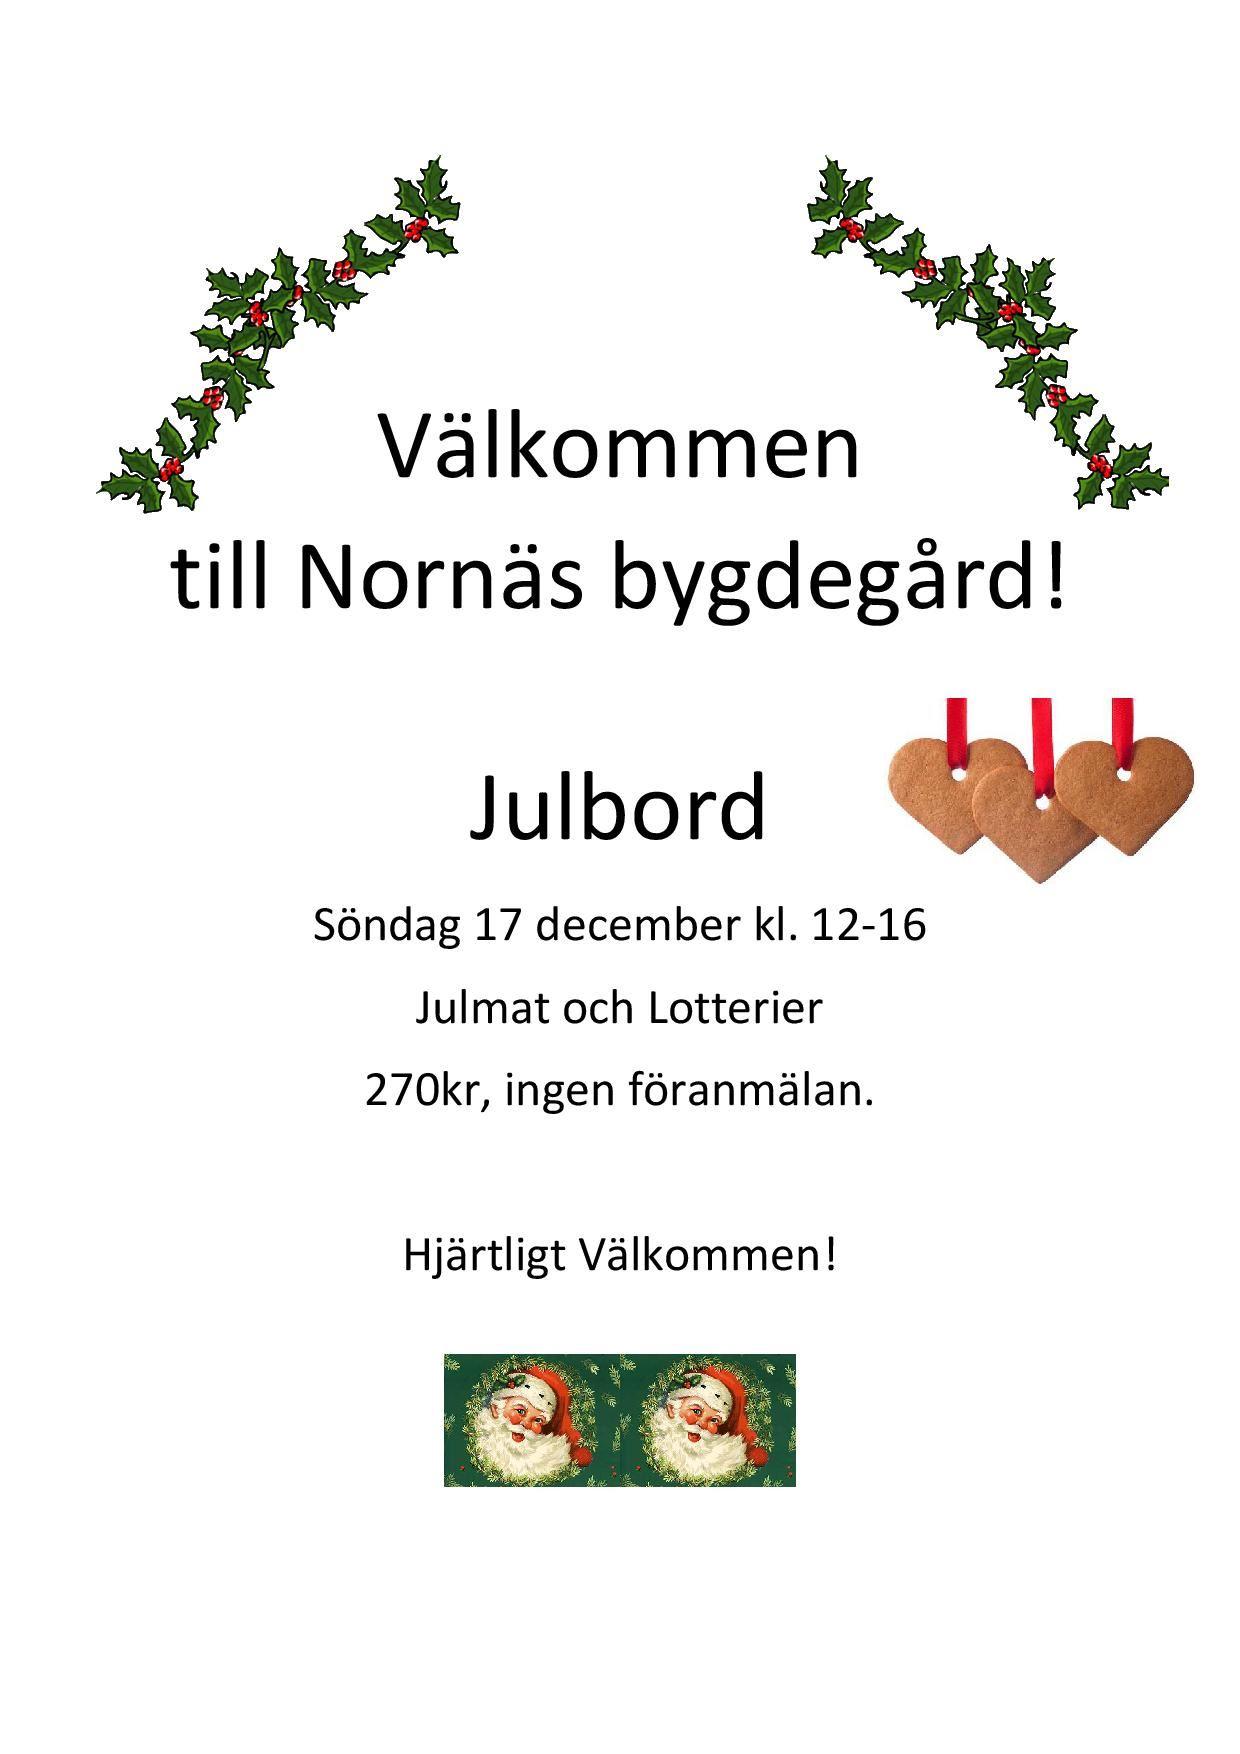 Julbord i Nornäs